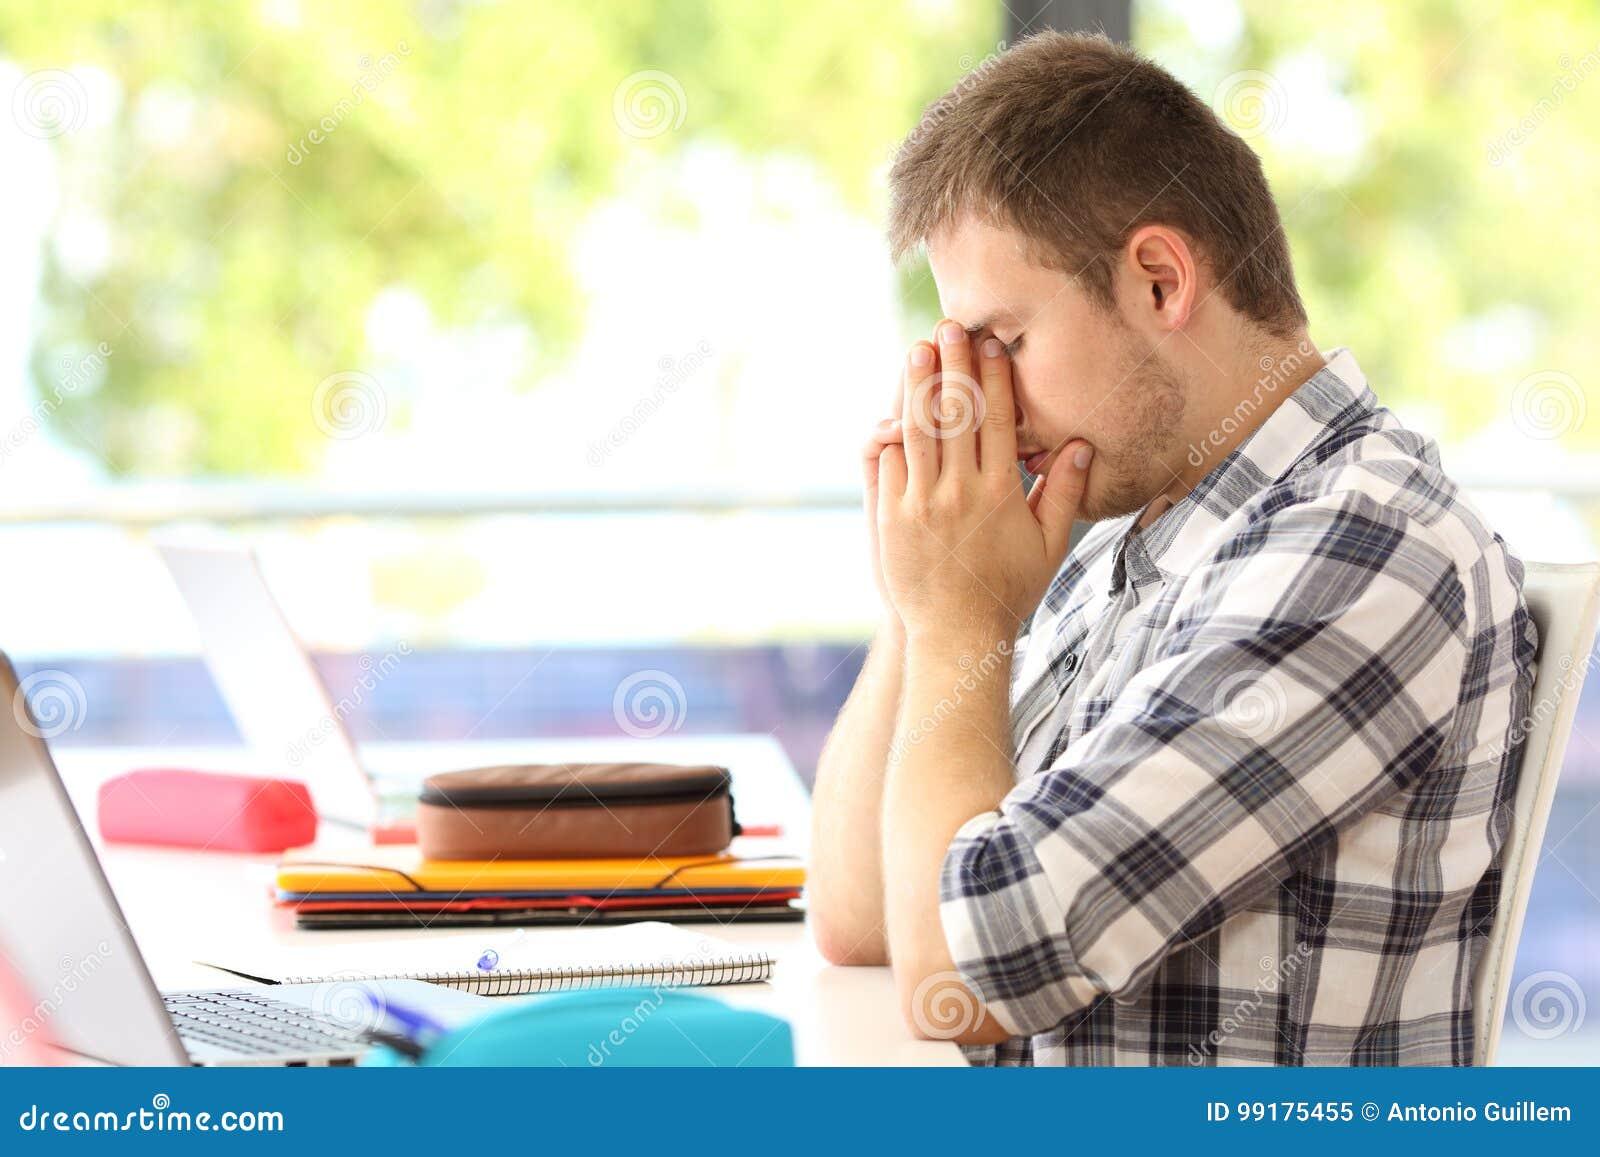 Estudiante cansado solamente en una sala de clase